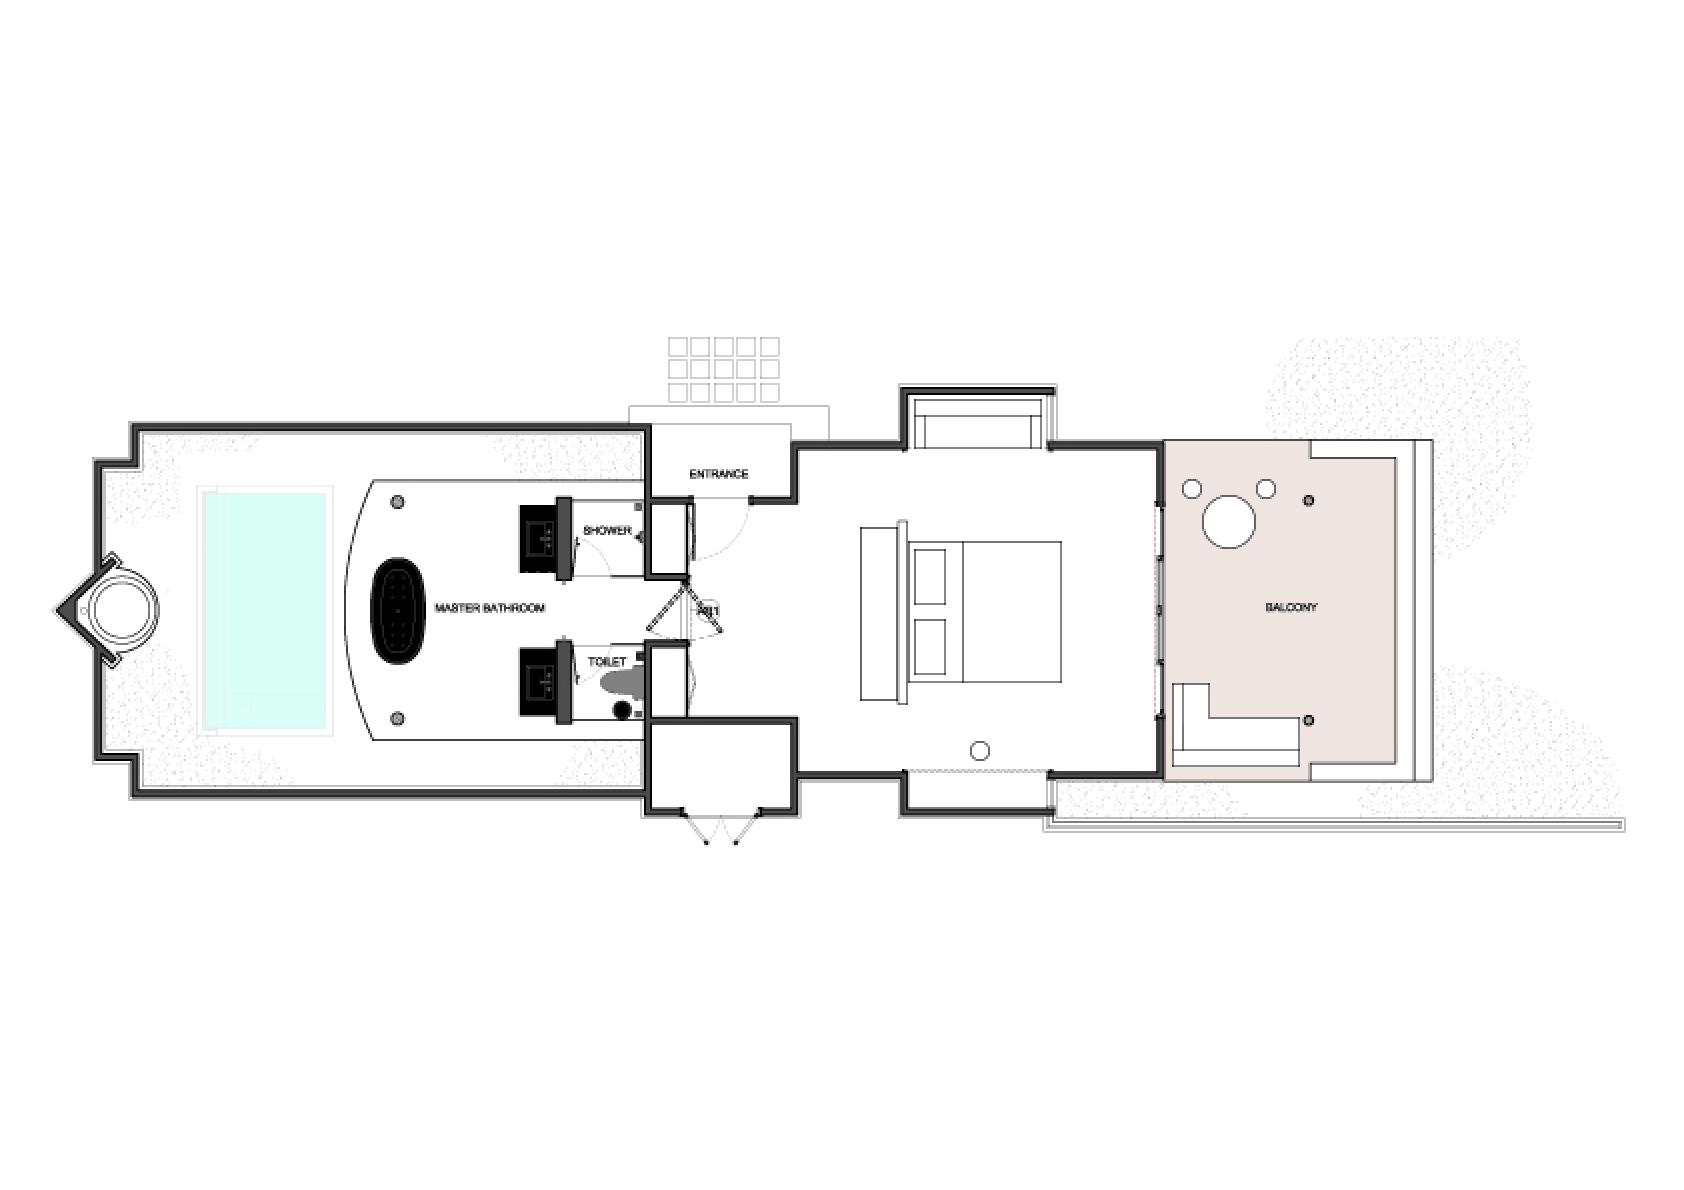 Мальдивы, отель Dusit Thani Maldives, план-схема номера Beach Villa with Pool